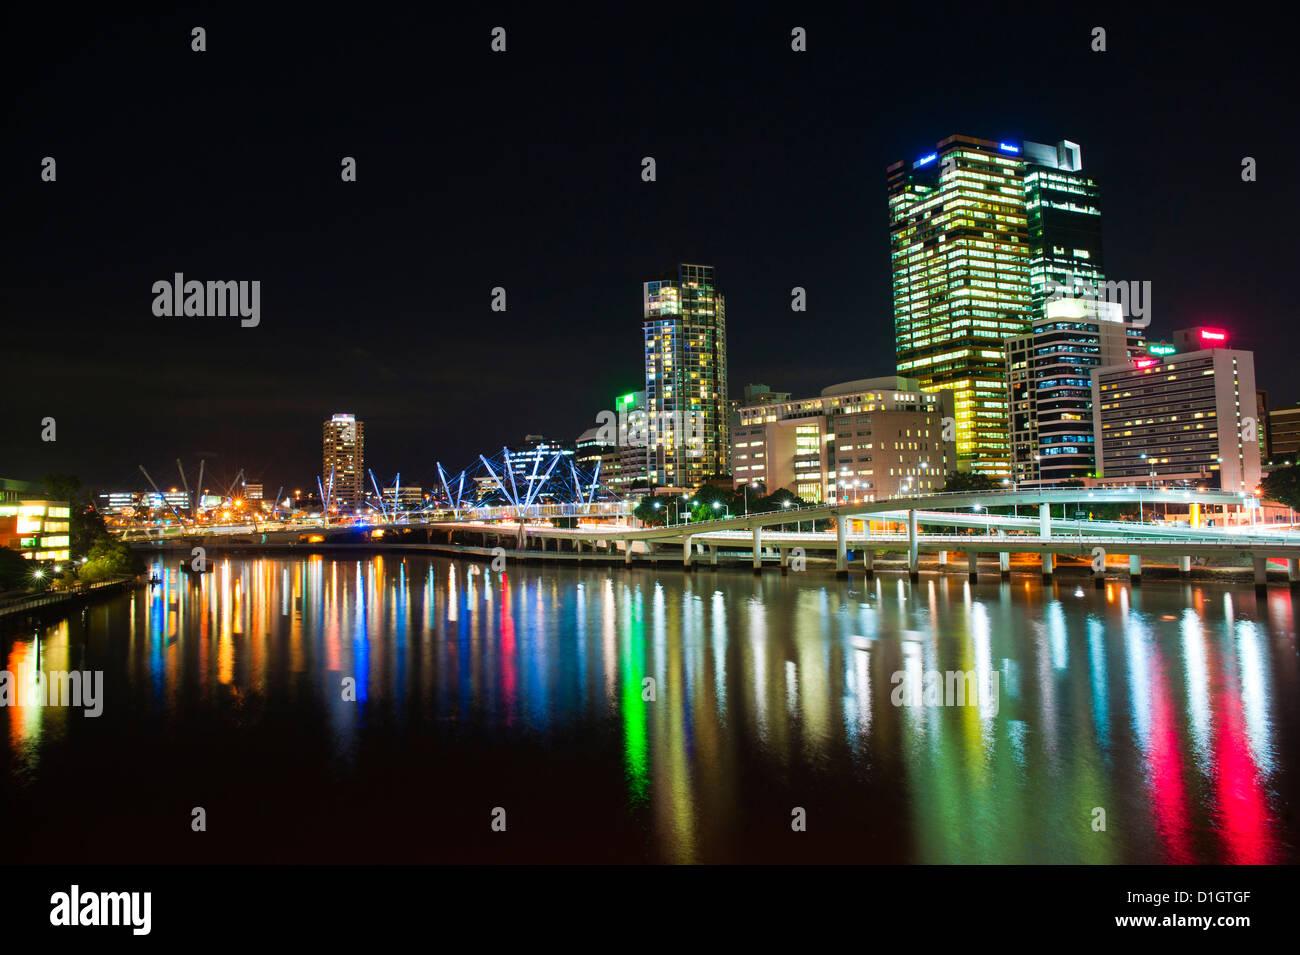 Bunte Reflexion der Skyline der Stadt in Brisbane River in der Nacht, Brisbane, Queensland, Australien, Pazifik Stockbild